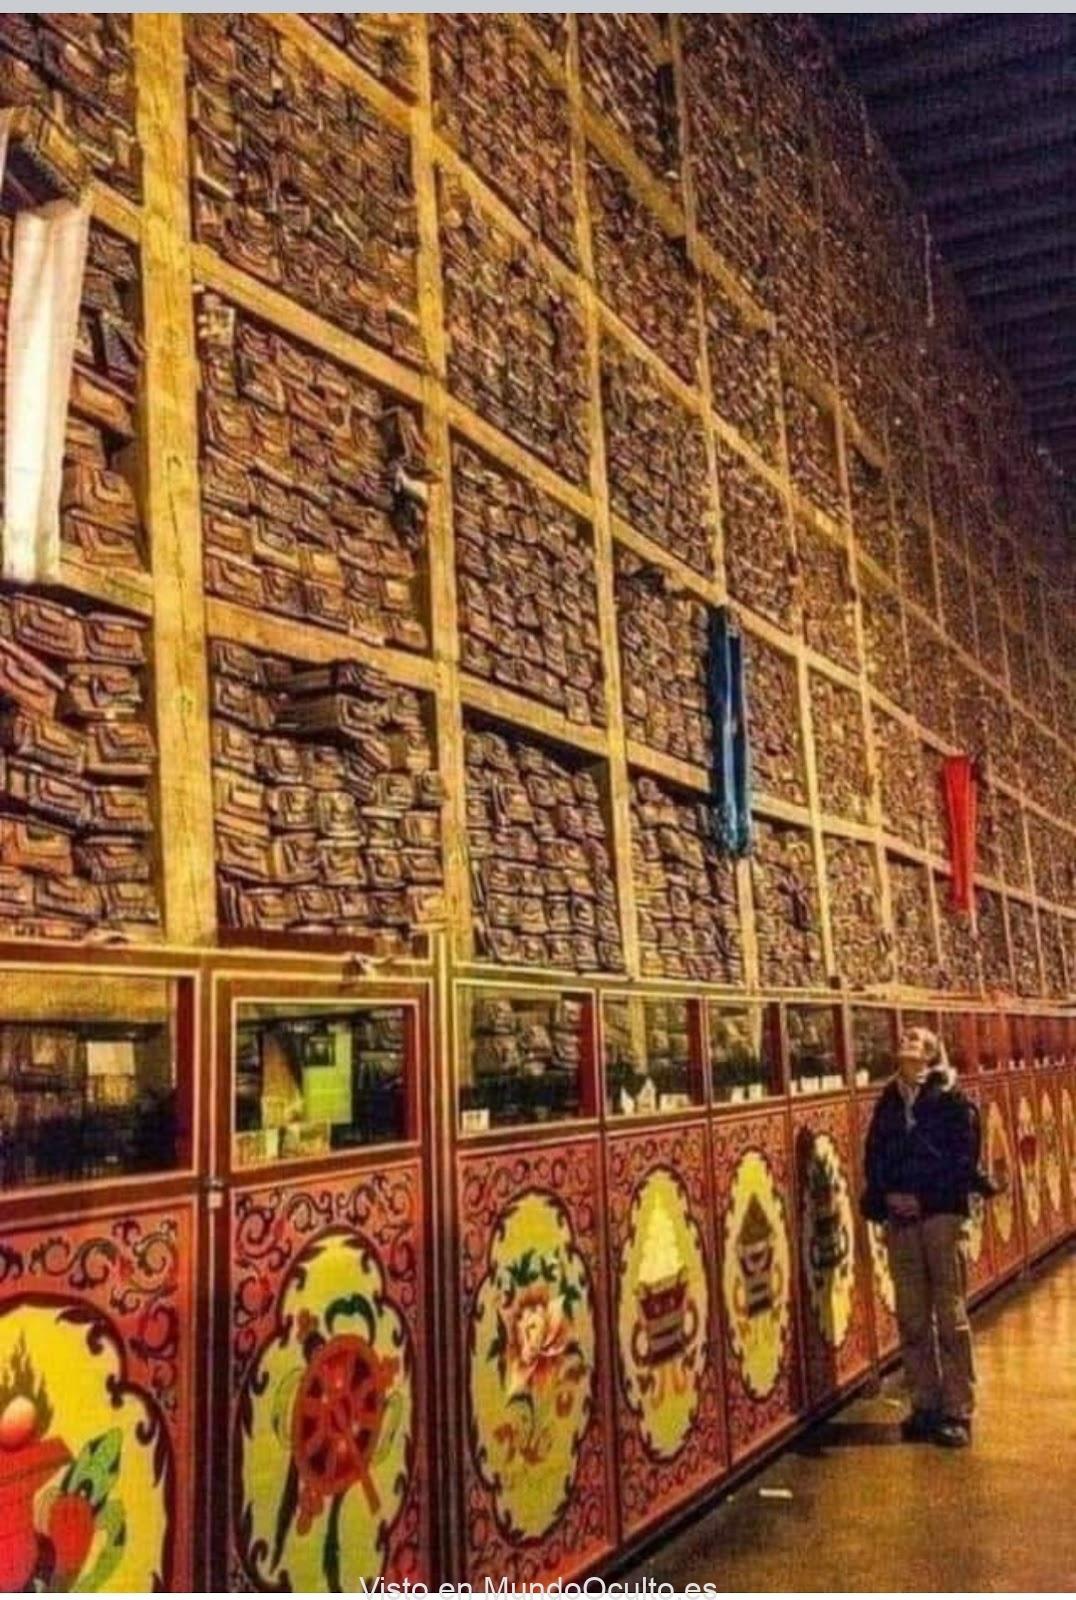 Encontrada en el tibet una biblioteca secreta con 84000 manuscritos secretos